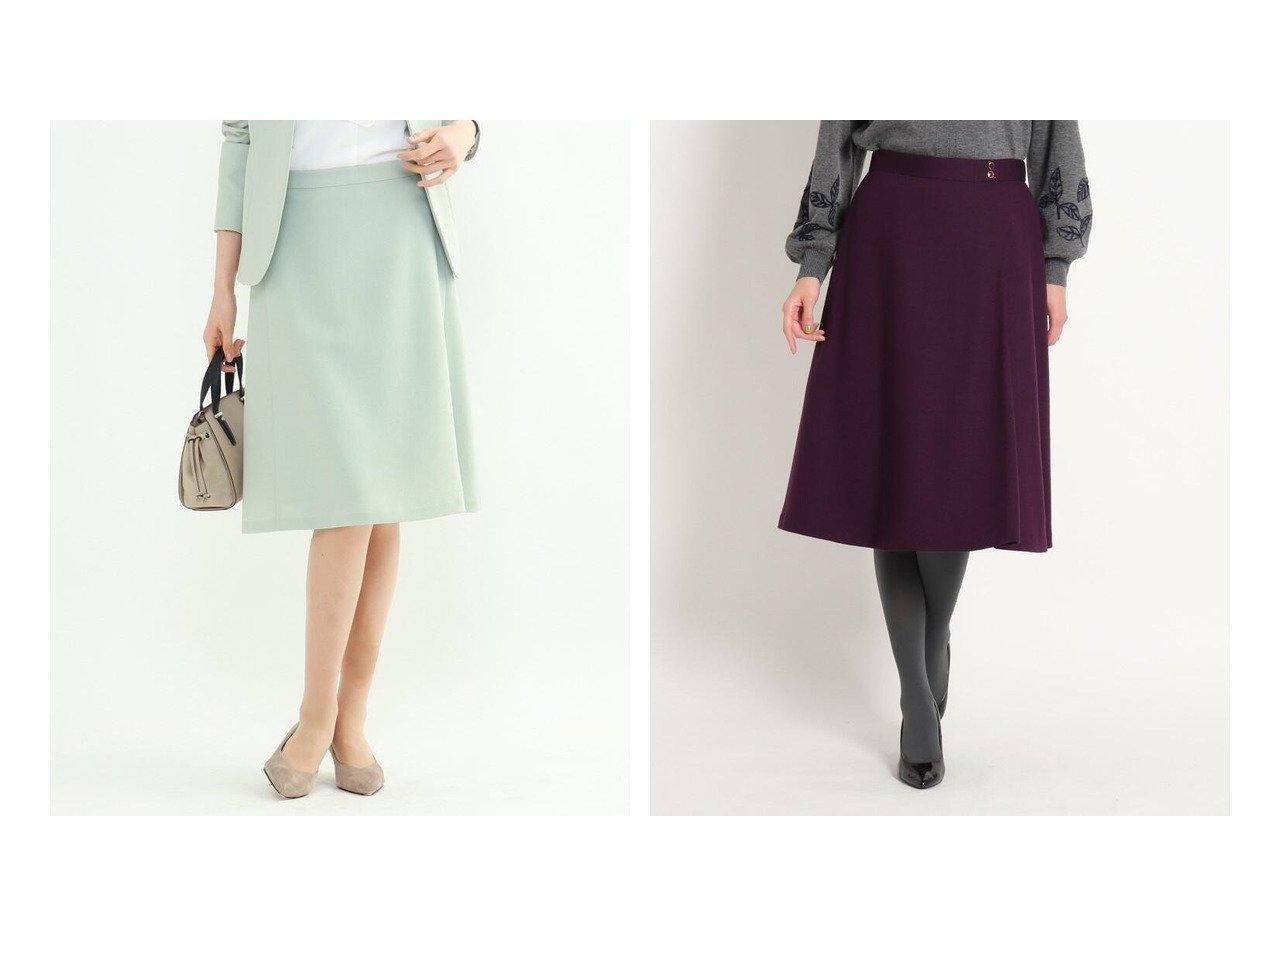 【SunaUna/スーナウーナ】の【洗える】アンミルドウォッシャブル&【INDIVI/インディヴィ】のナチュリーツイルフレアスカート スカートのおすすめ!人気、トレンド・レディースファッションの通販 おすすめで人気の流行・トレンド、ファッションの通販商品 メンズファッション・キッズファッション・インテリア・家具・レディースファッション・服の通販 founy(ファニー) https://founy.com/ ファッション Fashion レディースファッション WOMEN スカート Skirt Aライン/フレアスカート Flared A-Line Skirts スーツ Suits スーツ スカート Skirt A/W 秋冬 AW Autumn/Winter / FW Fall-Winter ジャージ タイトスカート ポケット 再入荷 Restock/Back in Stock/Re Arrival 洗える コンパクト 吸水 ジャケット ストレッチ スーツ セットアップ フォーマル ワンポイント |ID:crp329100000016090